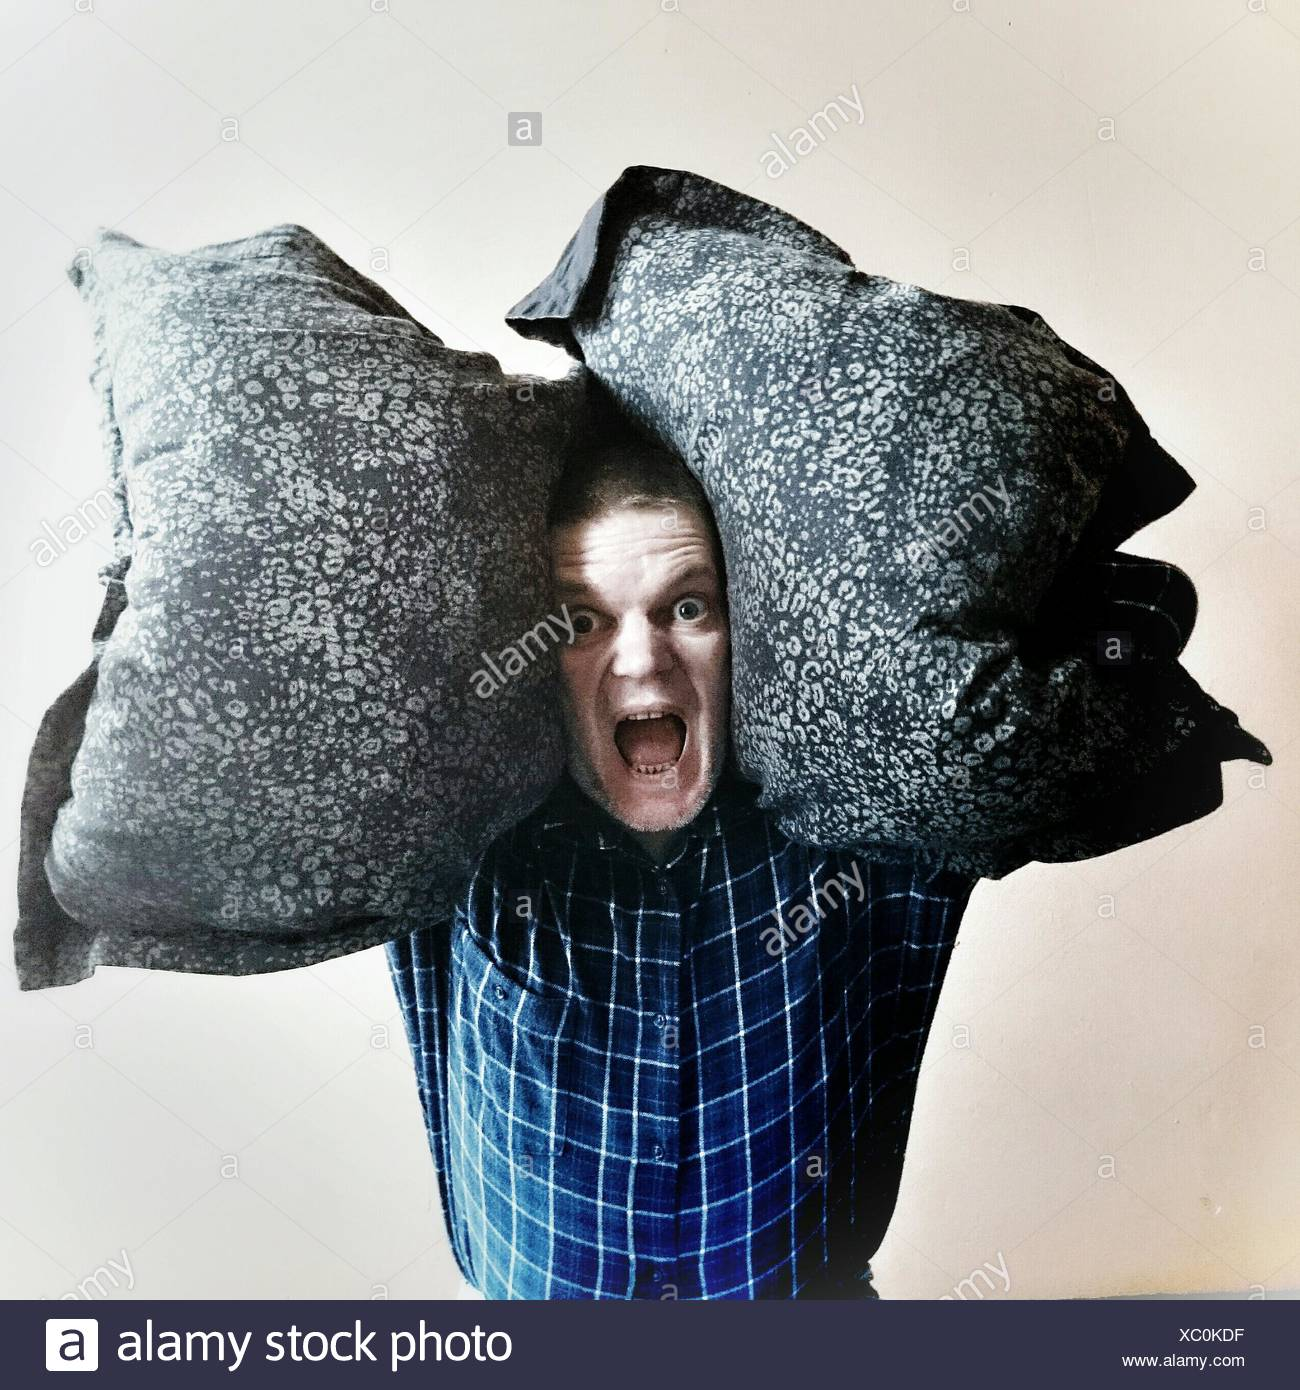 Retrato del hombre gritando mientras llevaba almohadas contra el fondo blanco. Foto de stock